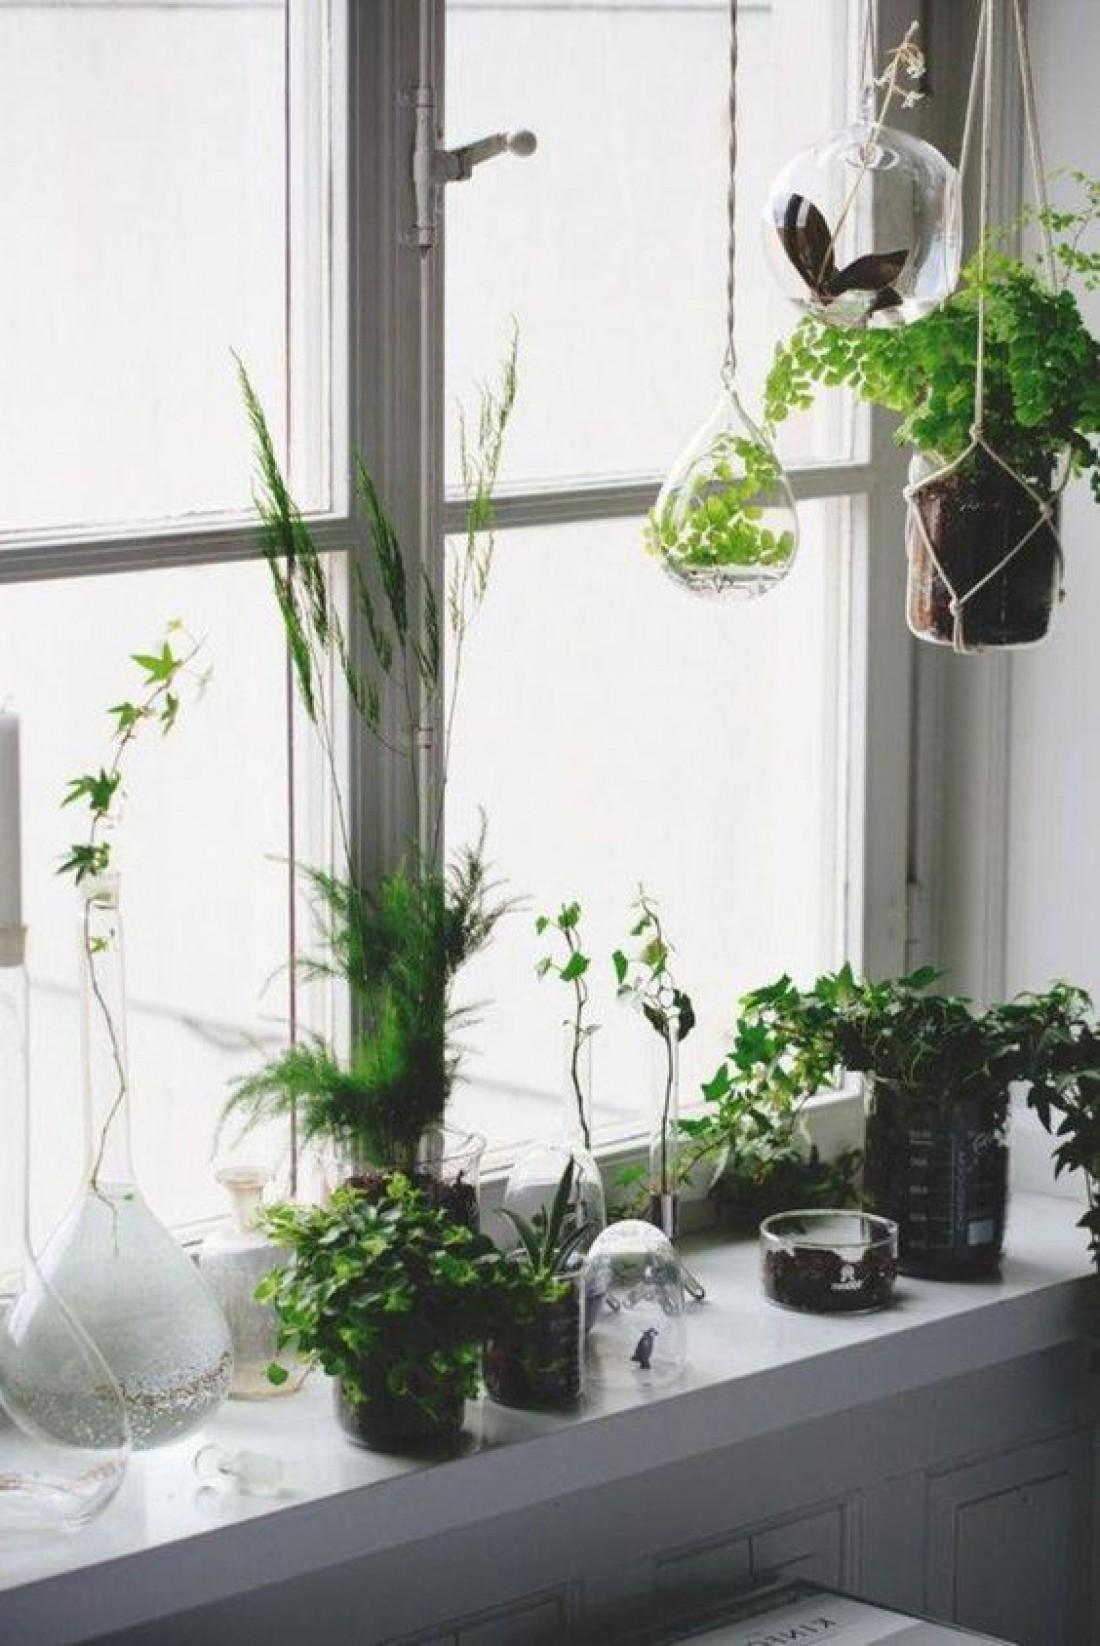 Зеленое чудо: Как вырастить зелень на подоконнике в домашних условиях